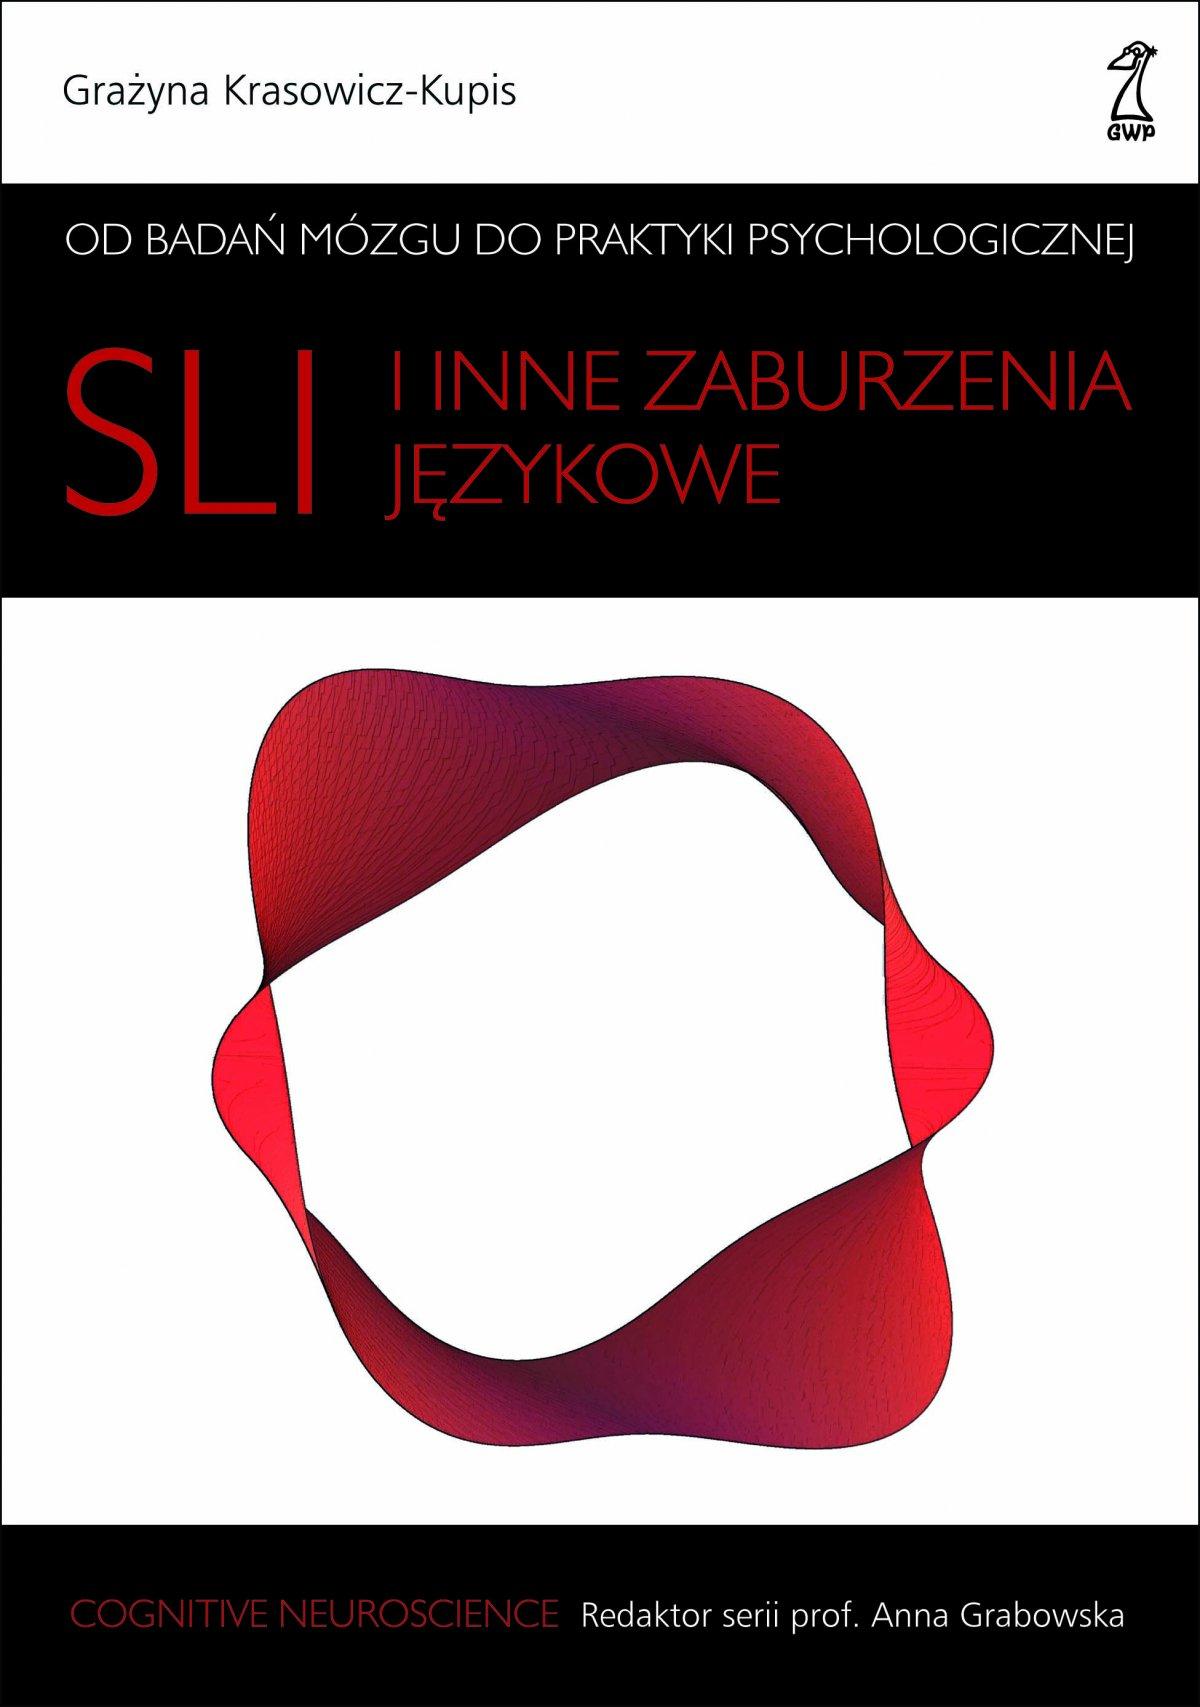 SLI i inne zaburzenia językowe - Ebook (Książka EPUB) do pobrania w formacie EPUB